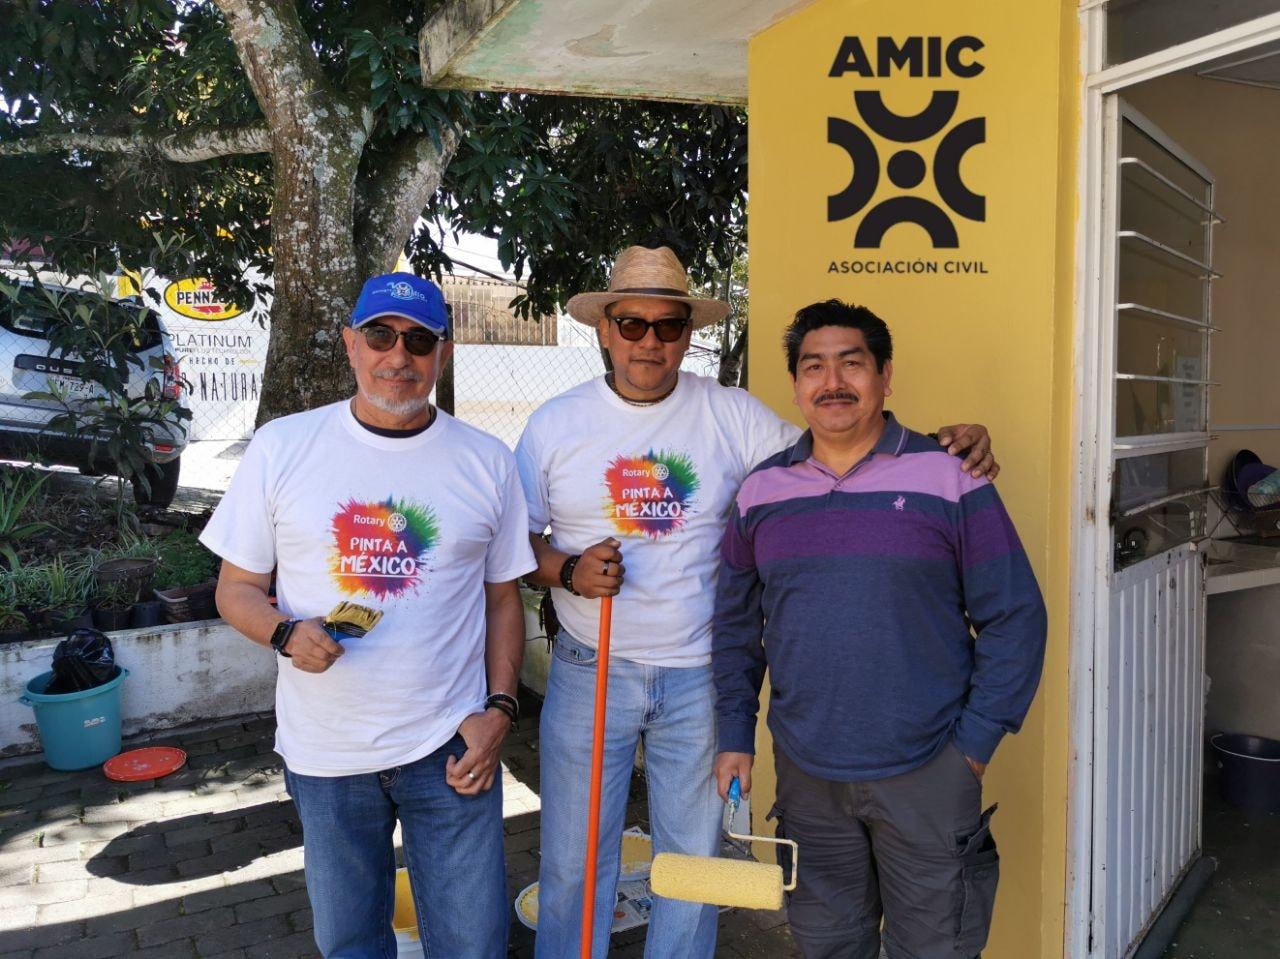 CRISTIAN TECZON PRESIDENTE DE AMIC VERACRUZ, ENCABEZA CON ROTARIO XALAPA MANANTIALES REHABILITACIÓN